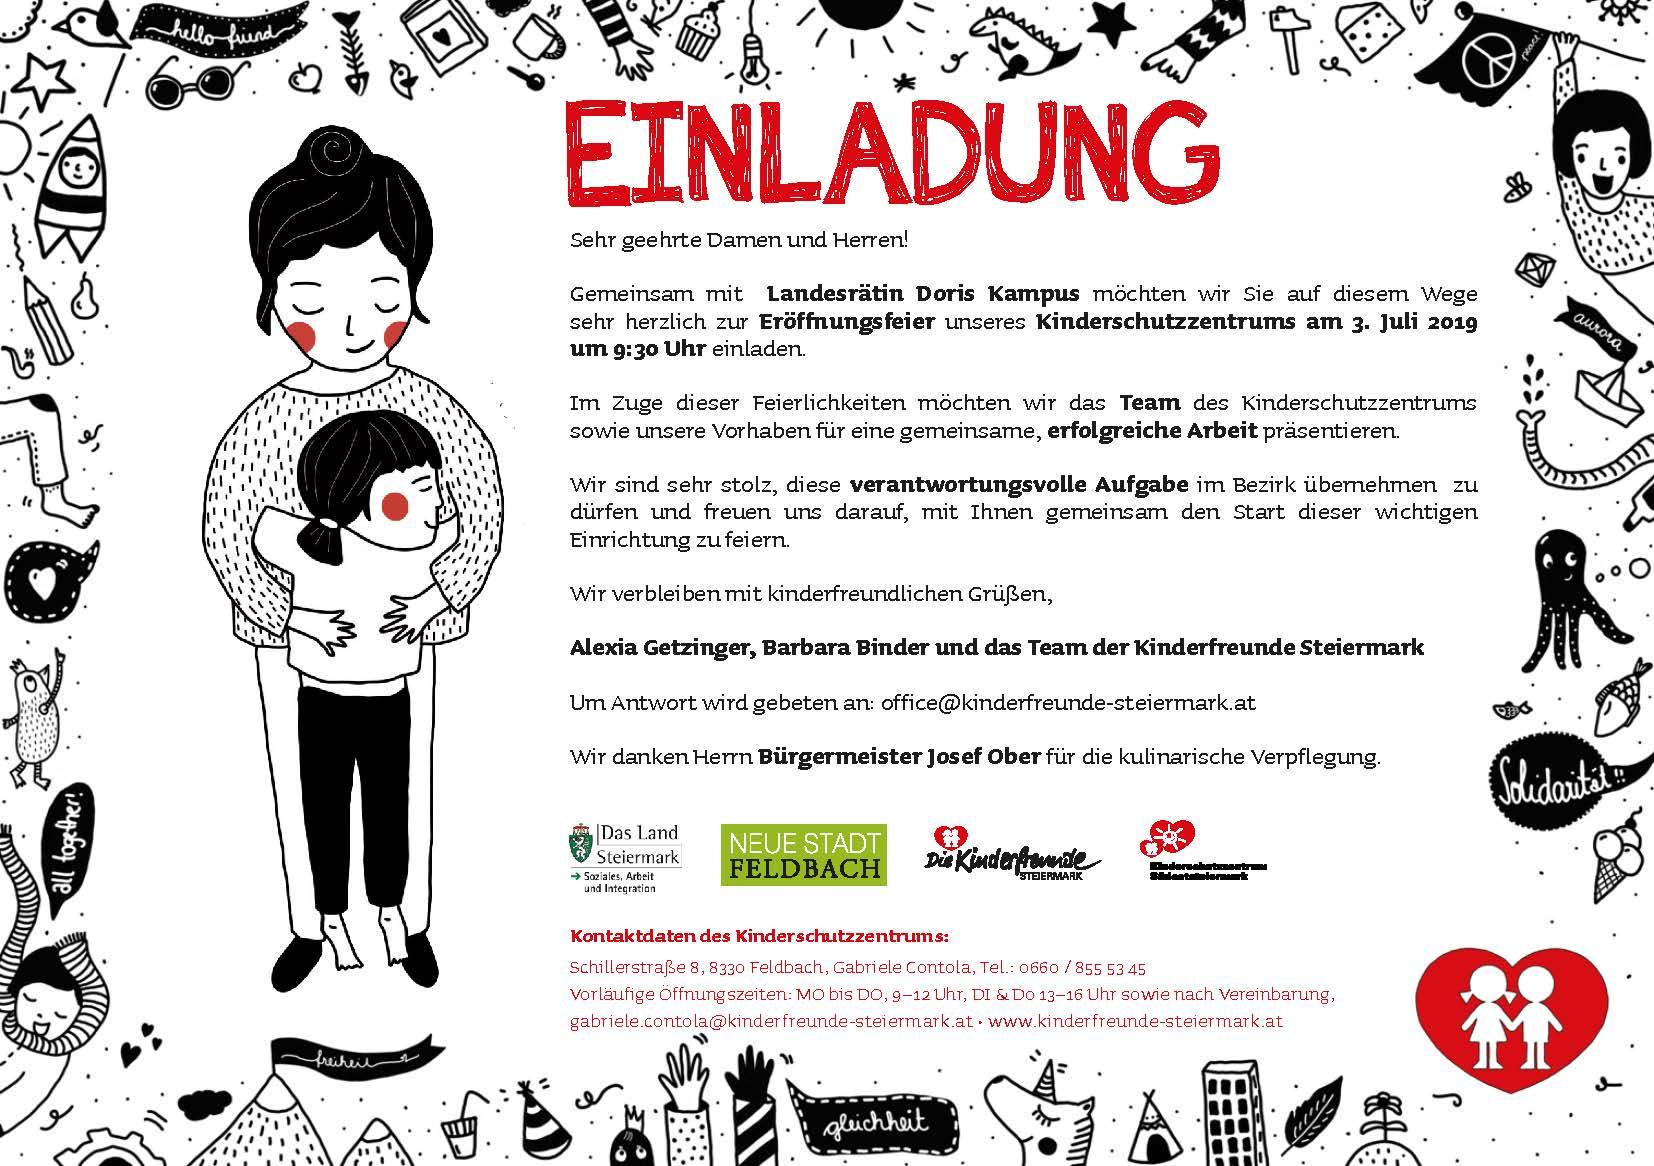 Kinderschutzzentren_SuedOstSteiermark_Einladung